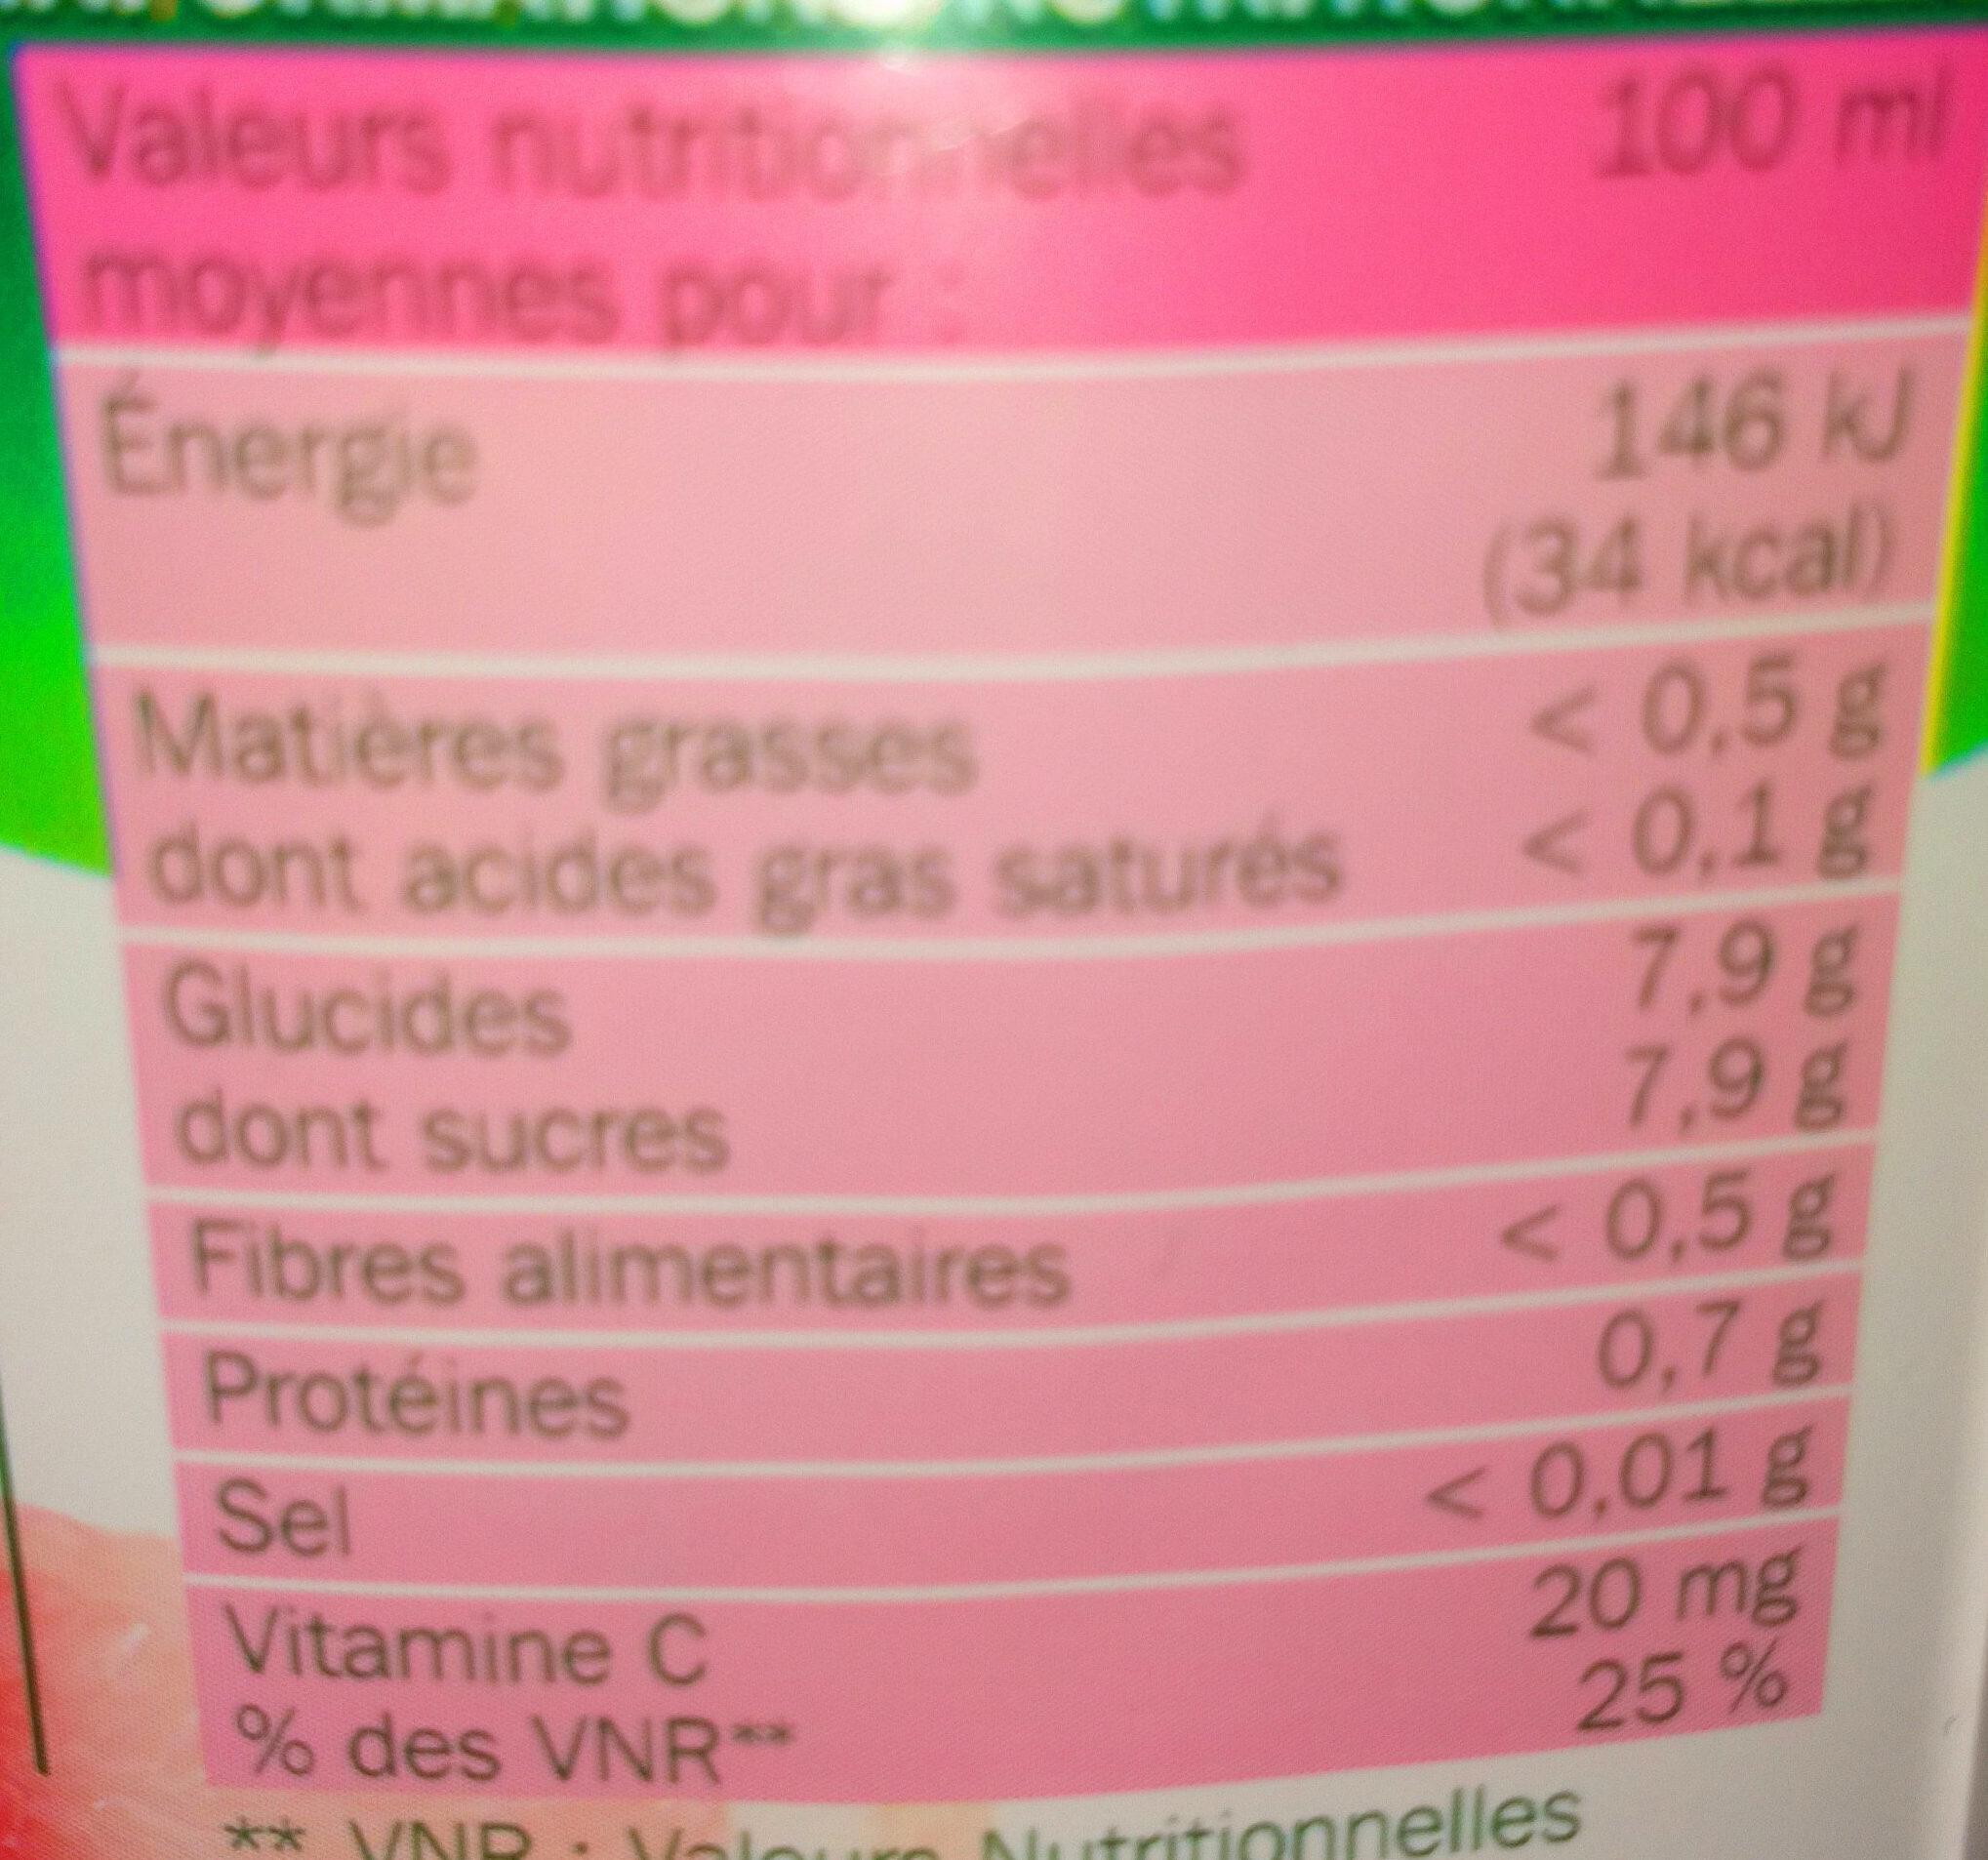 Pur jus de pamplemousse rose avec pulpe - Voedingswaarden - fr